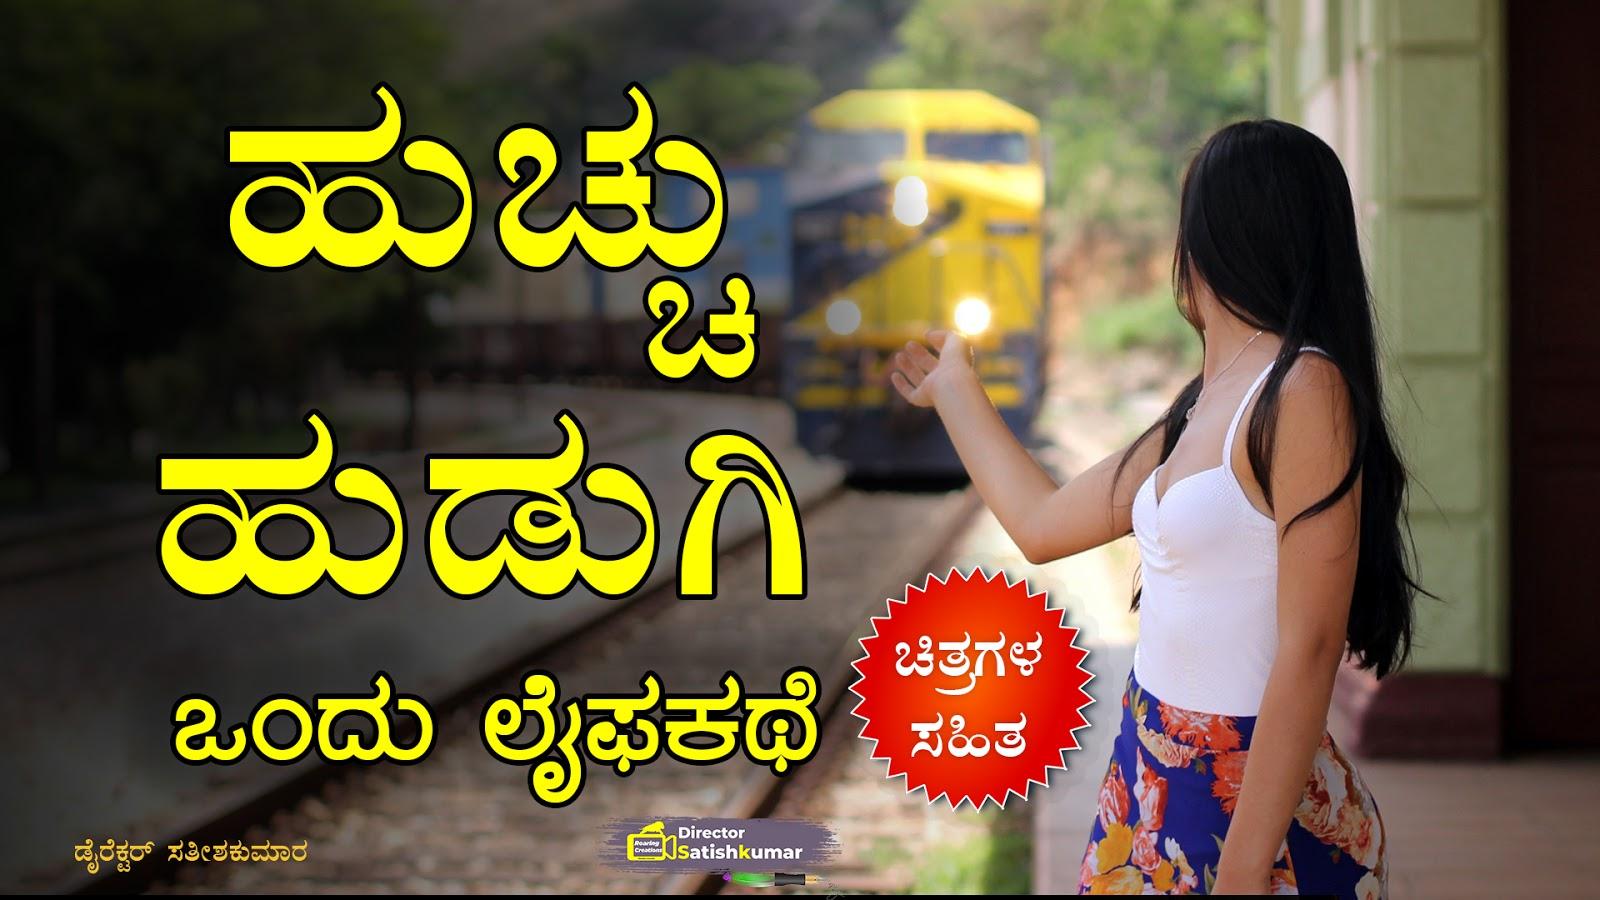 ಹುಚ್ಚು ಹುಡುಗಿ : ಒಂದು ಲೈಫಕಥೆ - Kannada Life Love Story - Love Stories in Kannada